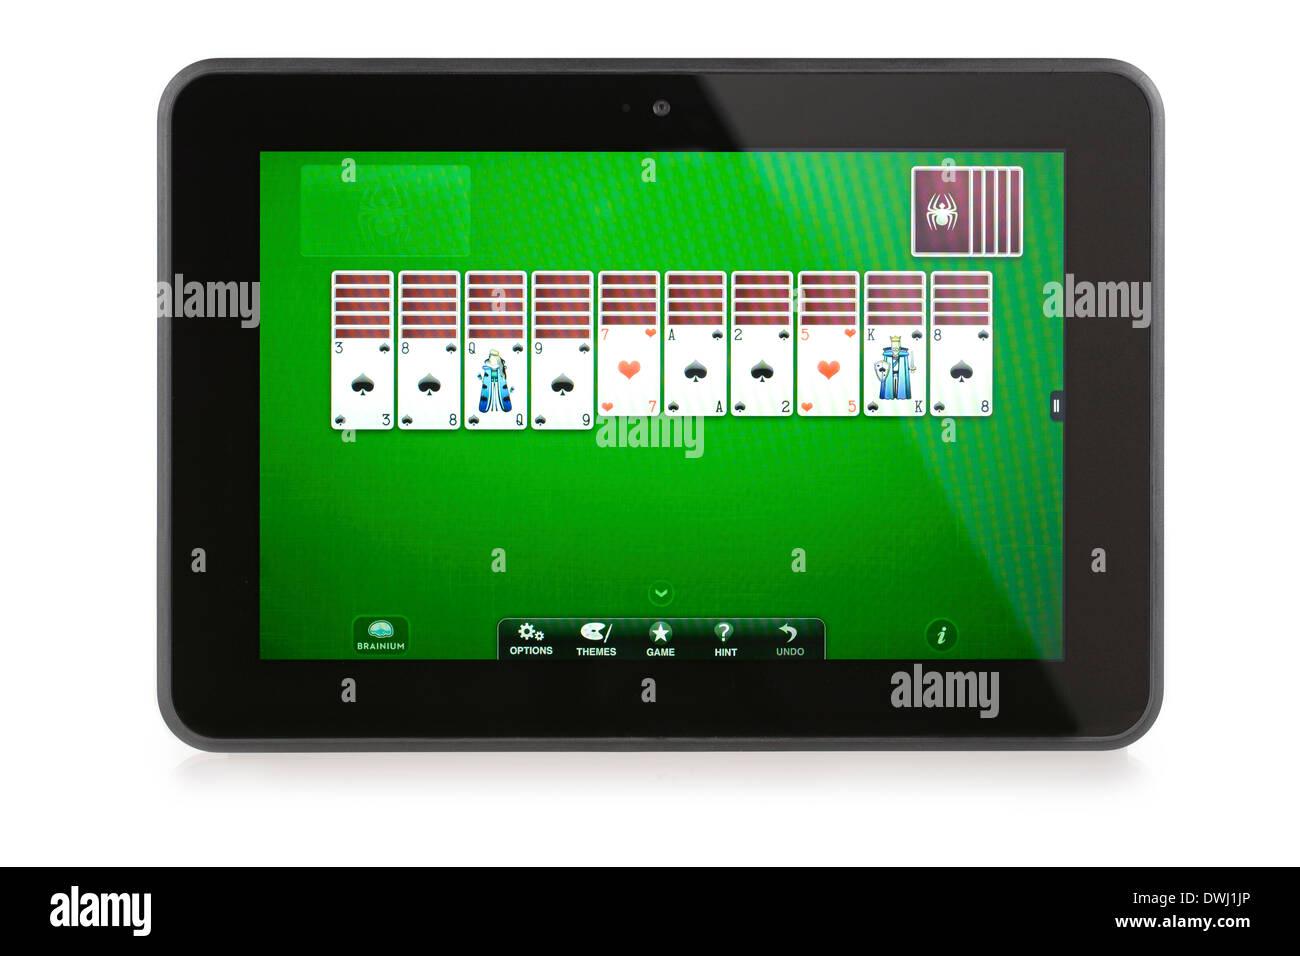 Kindle Fire HD 8,9 avec application de jeu Spider Solitaire est installé et fonctionne correctement. Photo Stock